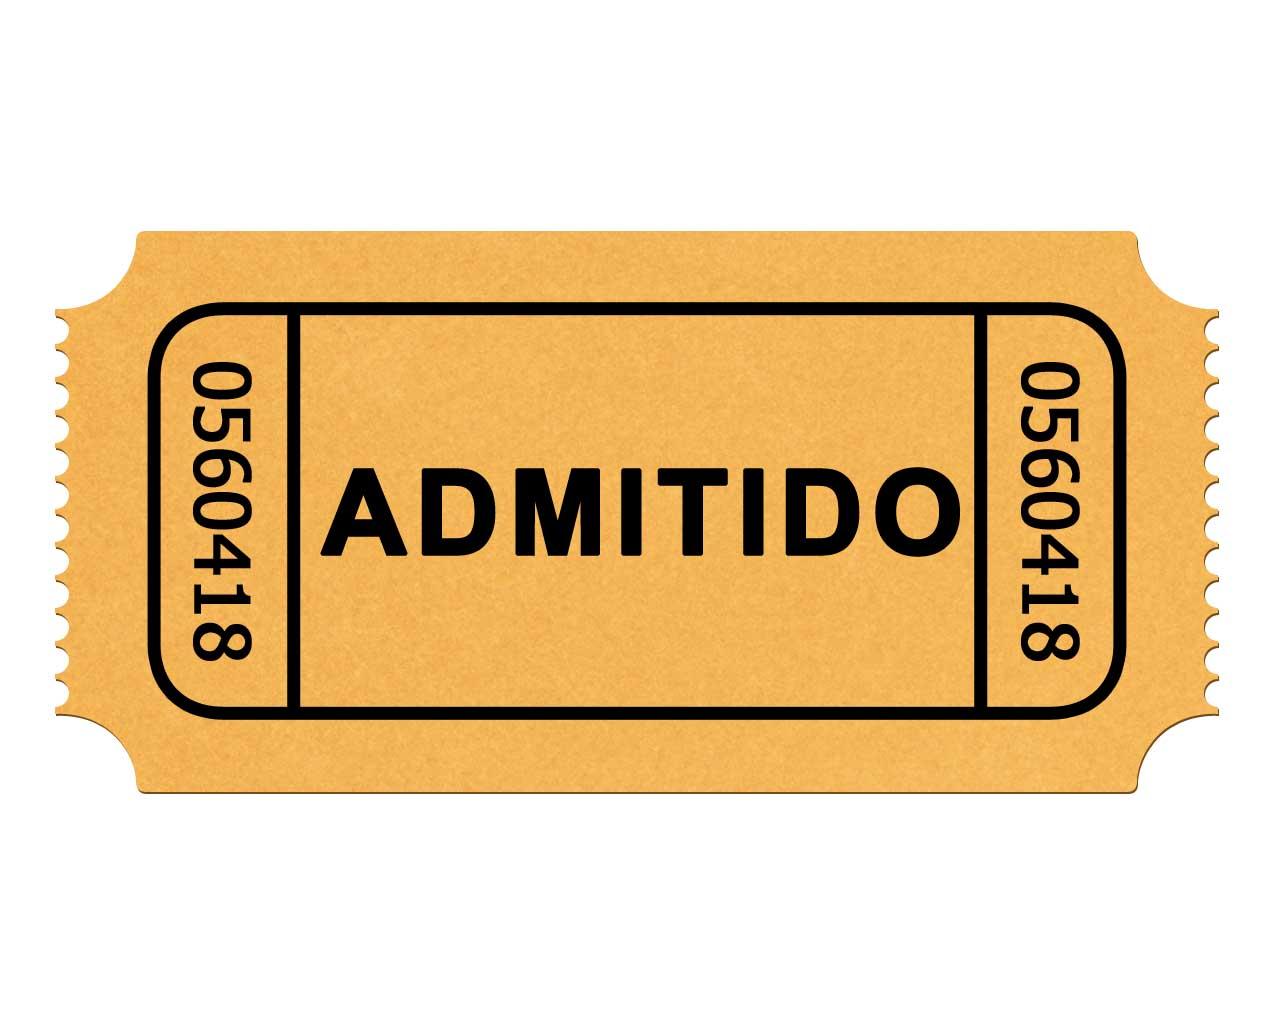 1280x1024 Ticket Stub Clipart